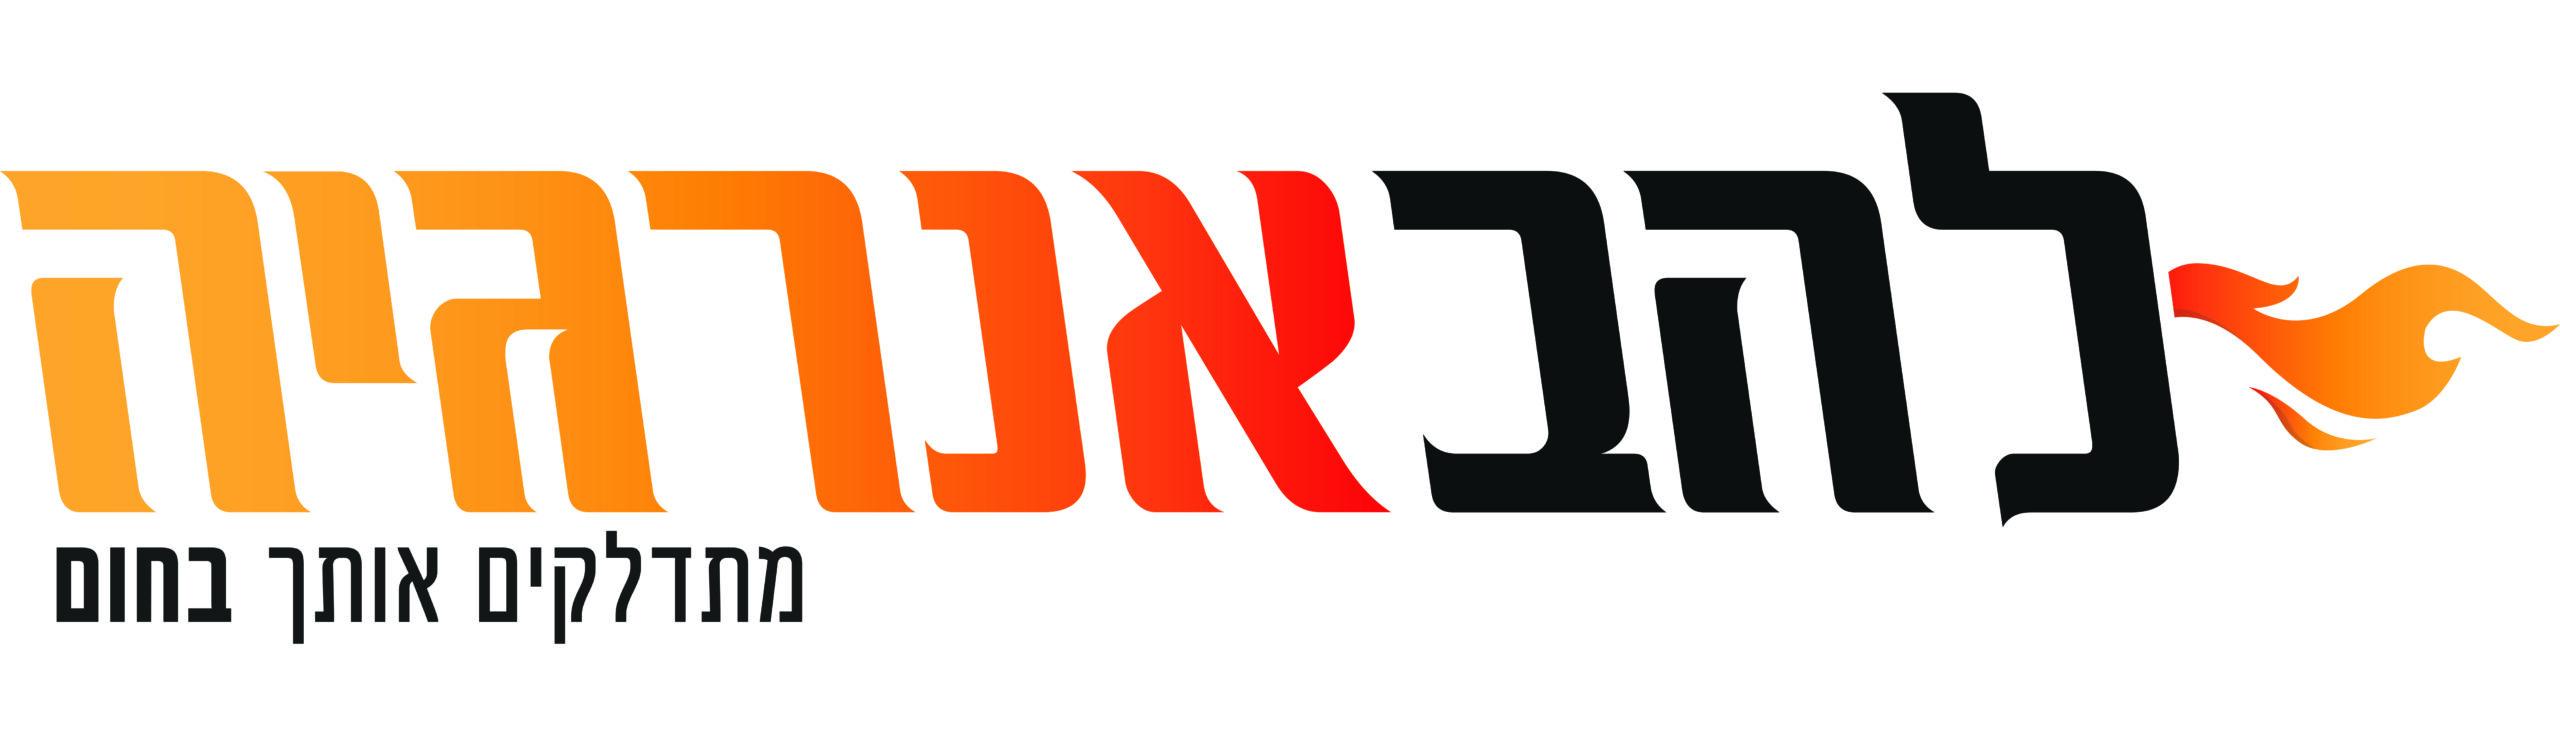 logo_full_size